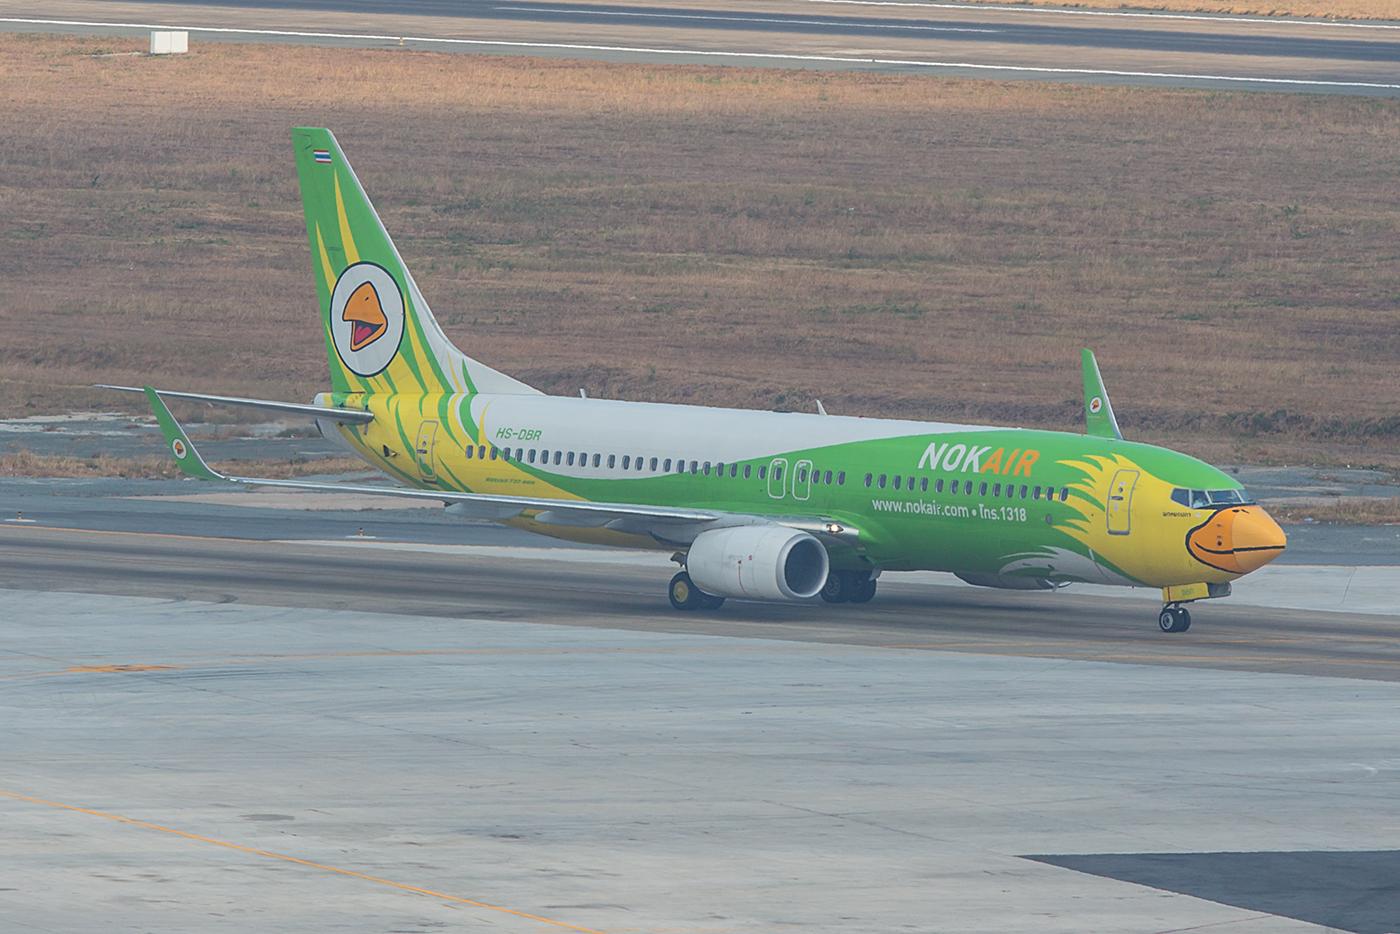 NOK Air gehört zu Thai Airways und ist in Bangkok auf dem Flughafen Don Muang zuhause.